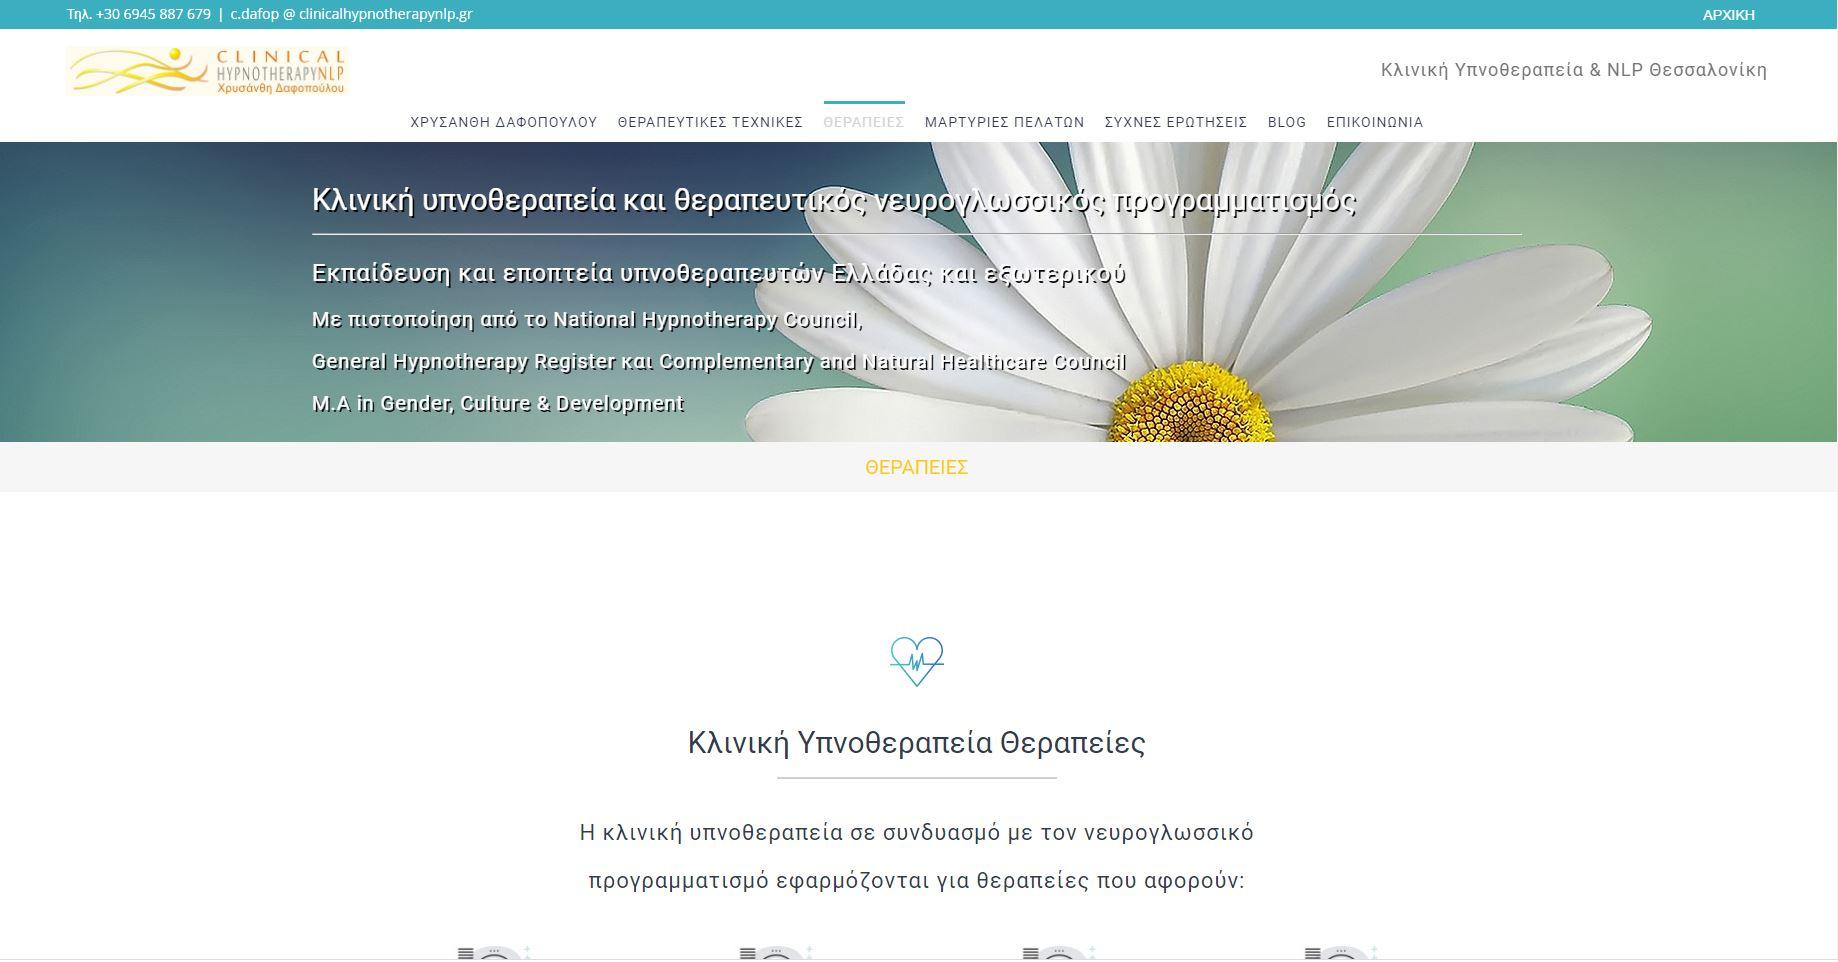 Κατασκευή ιστοσελίδας - design ιστοσελίδας 02